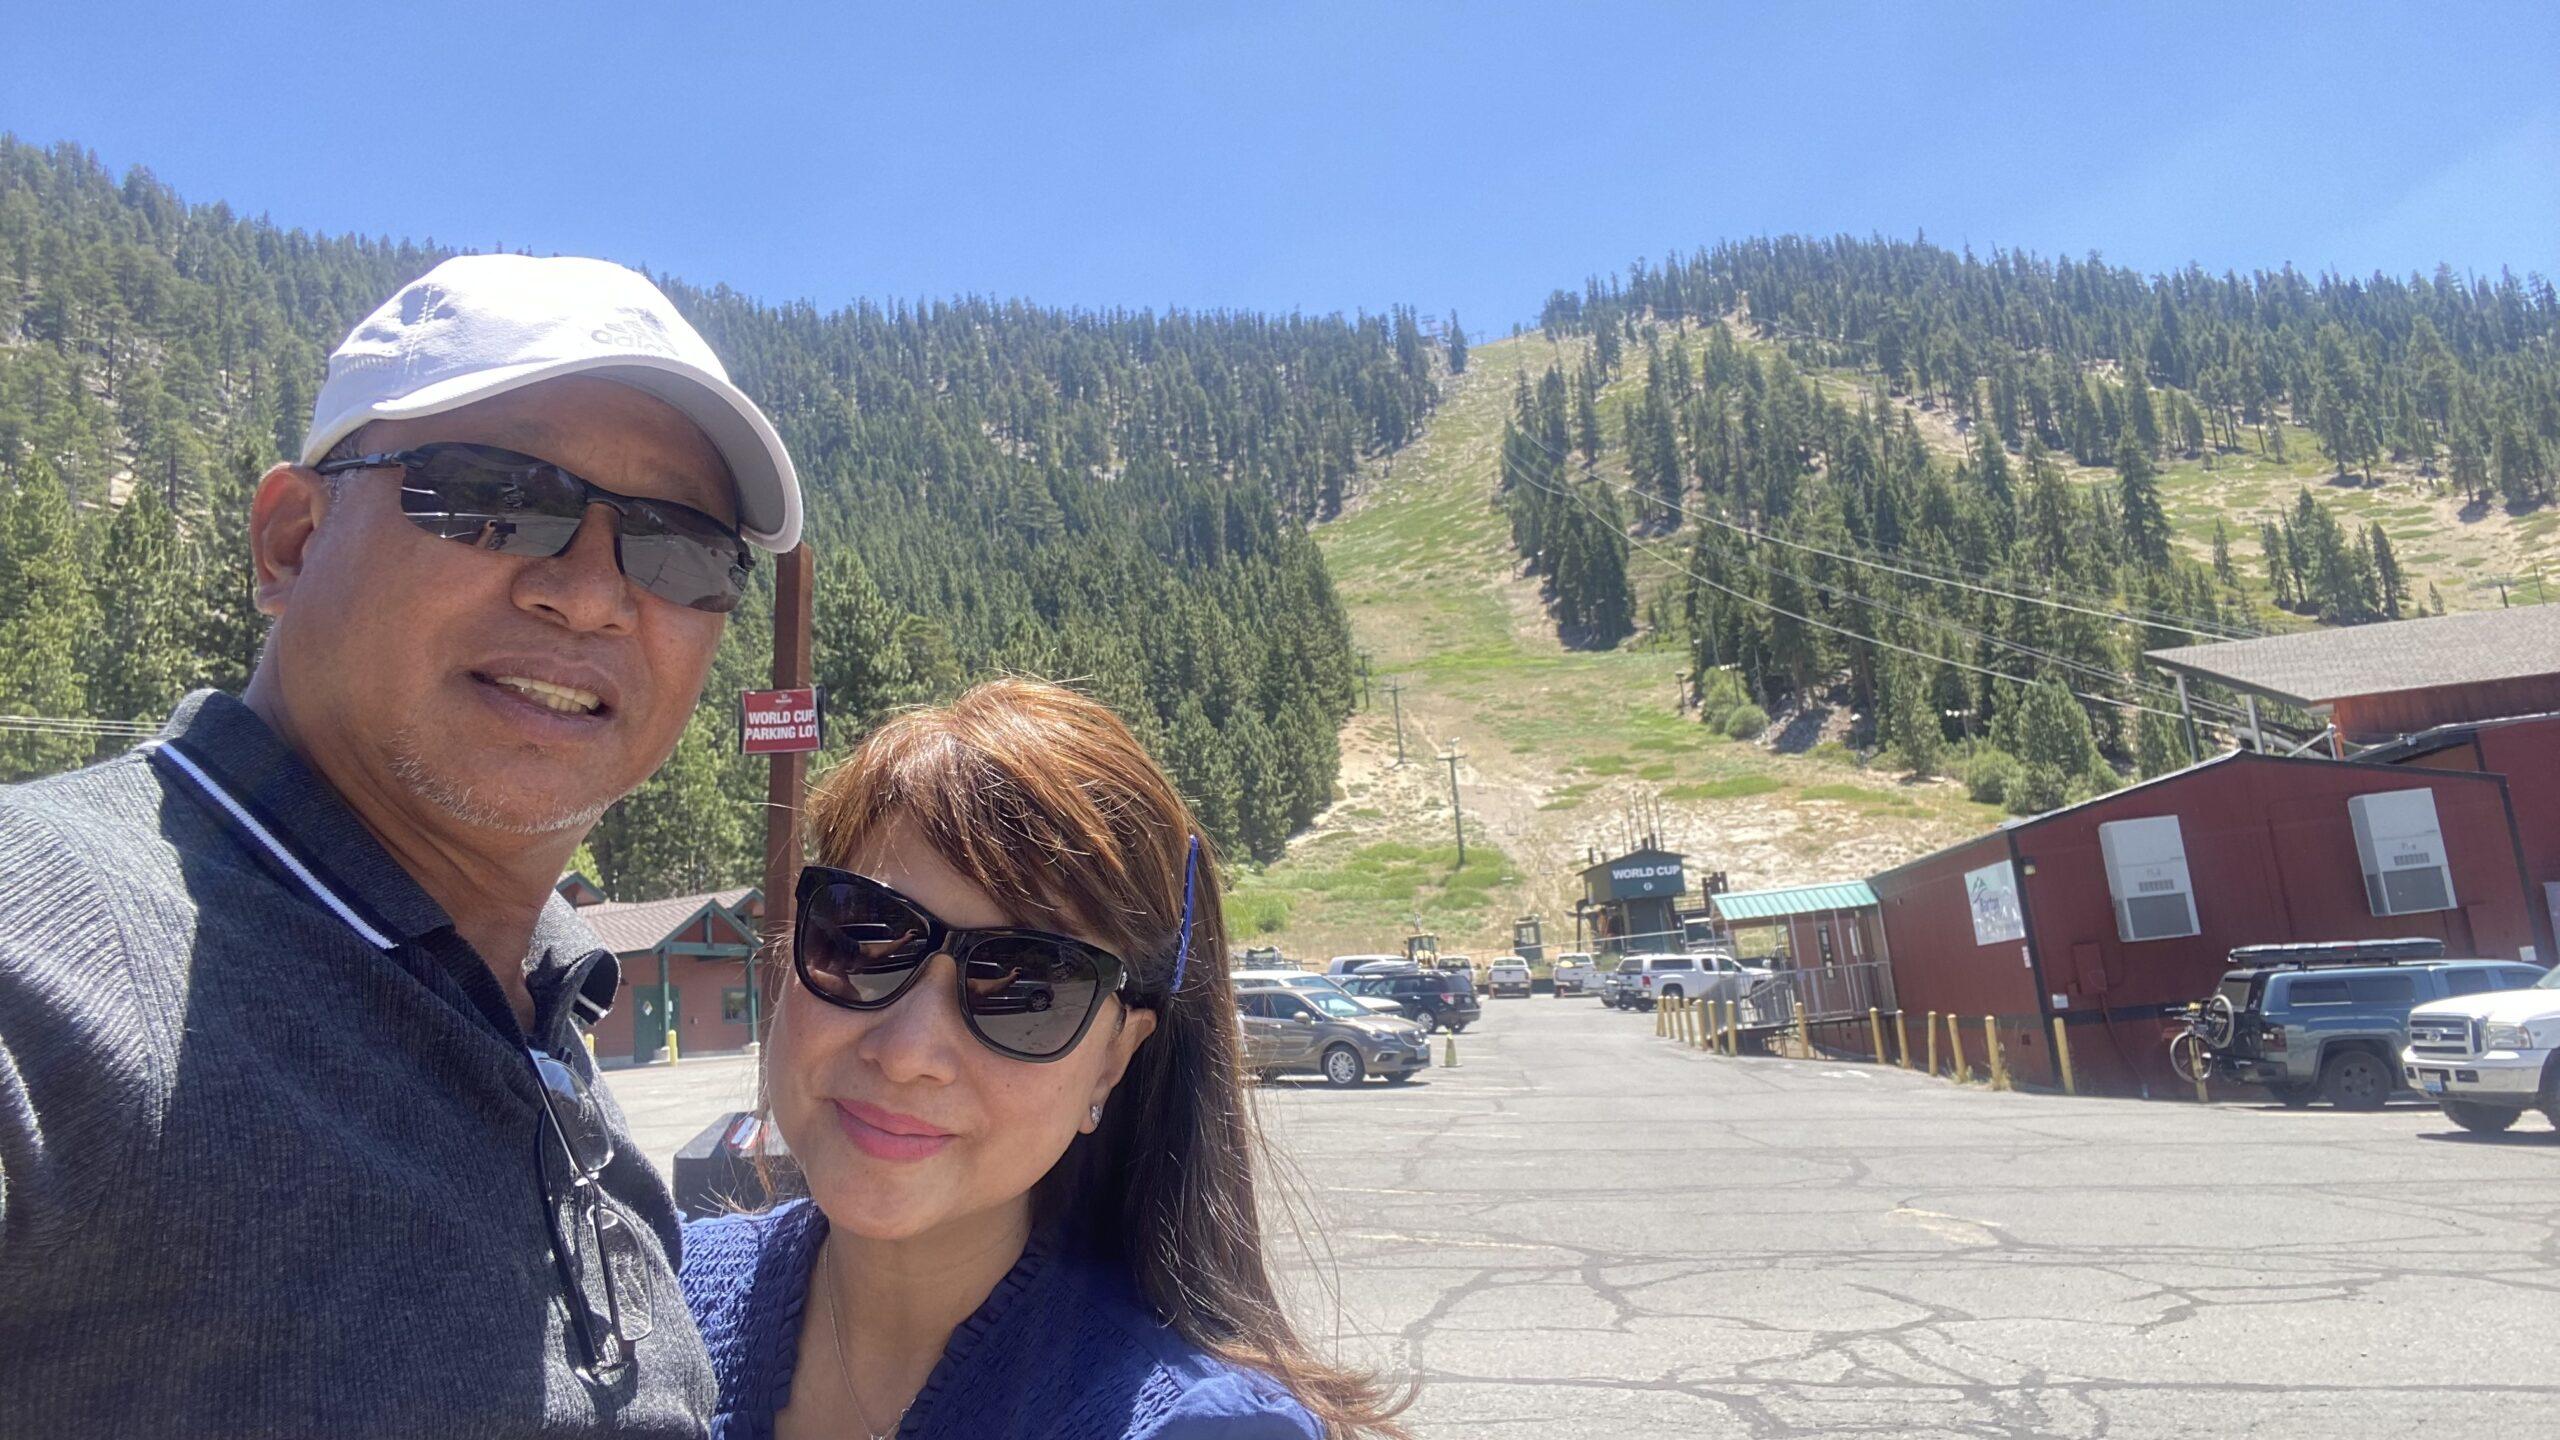 Beautiful Day in Lake Tahoe